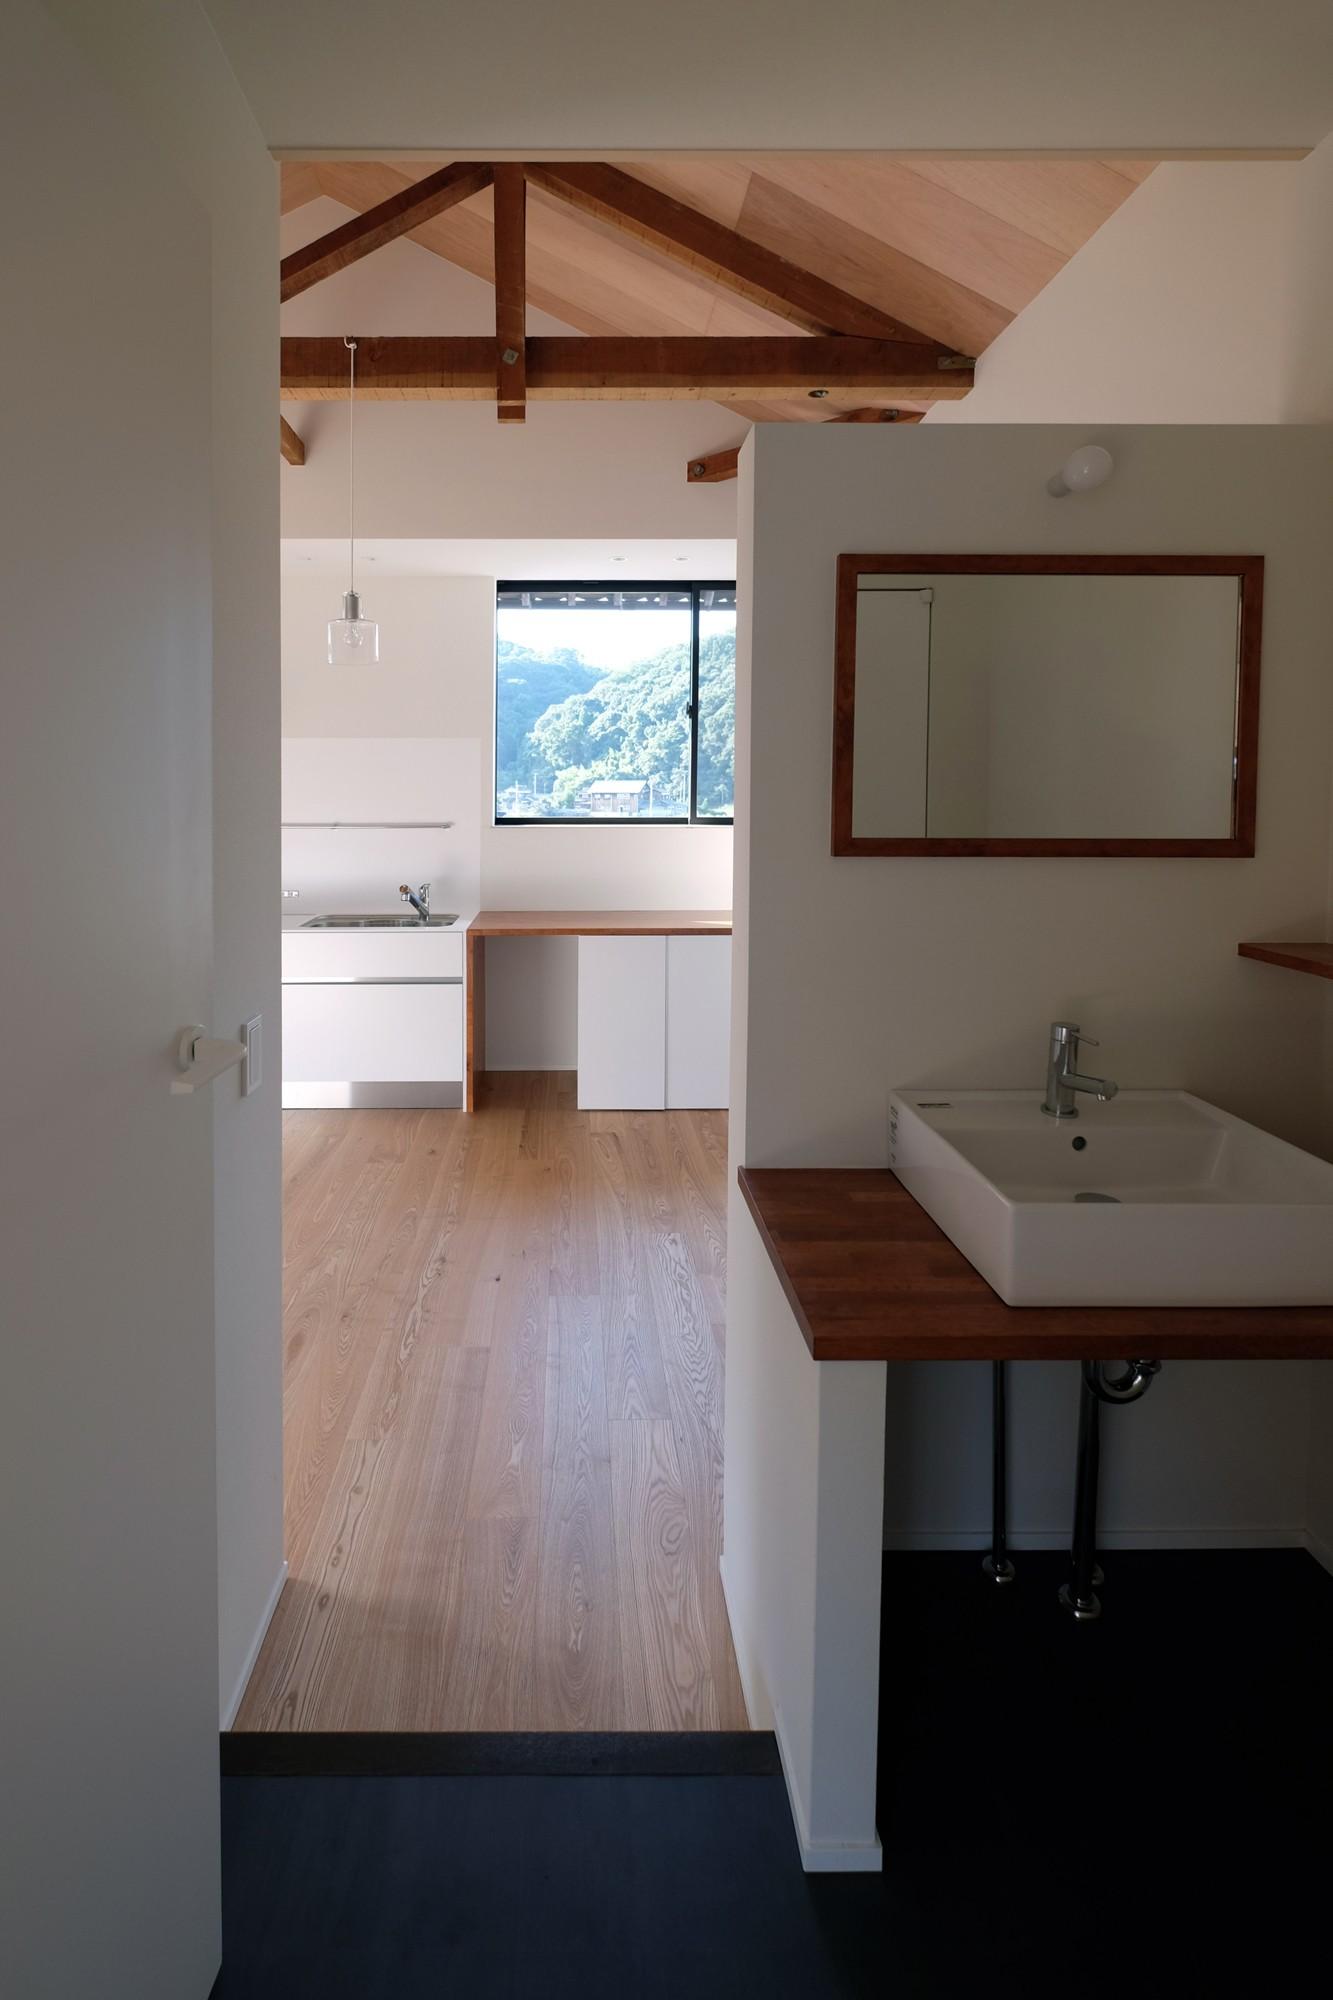 リビングダイニング事例:手洗いスペースからLDKを見る(朝倉の家【リノベーション】)